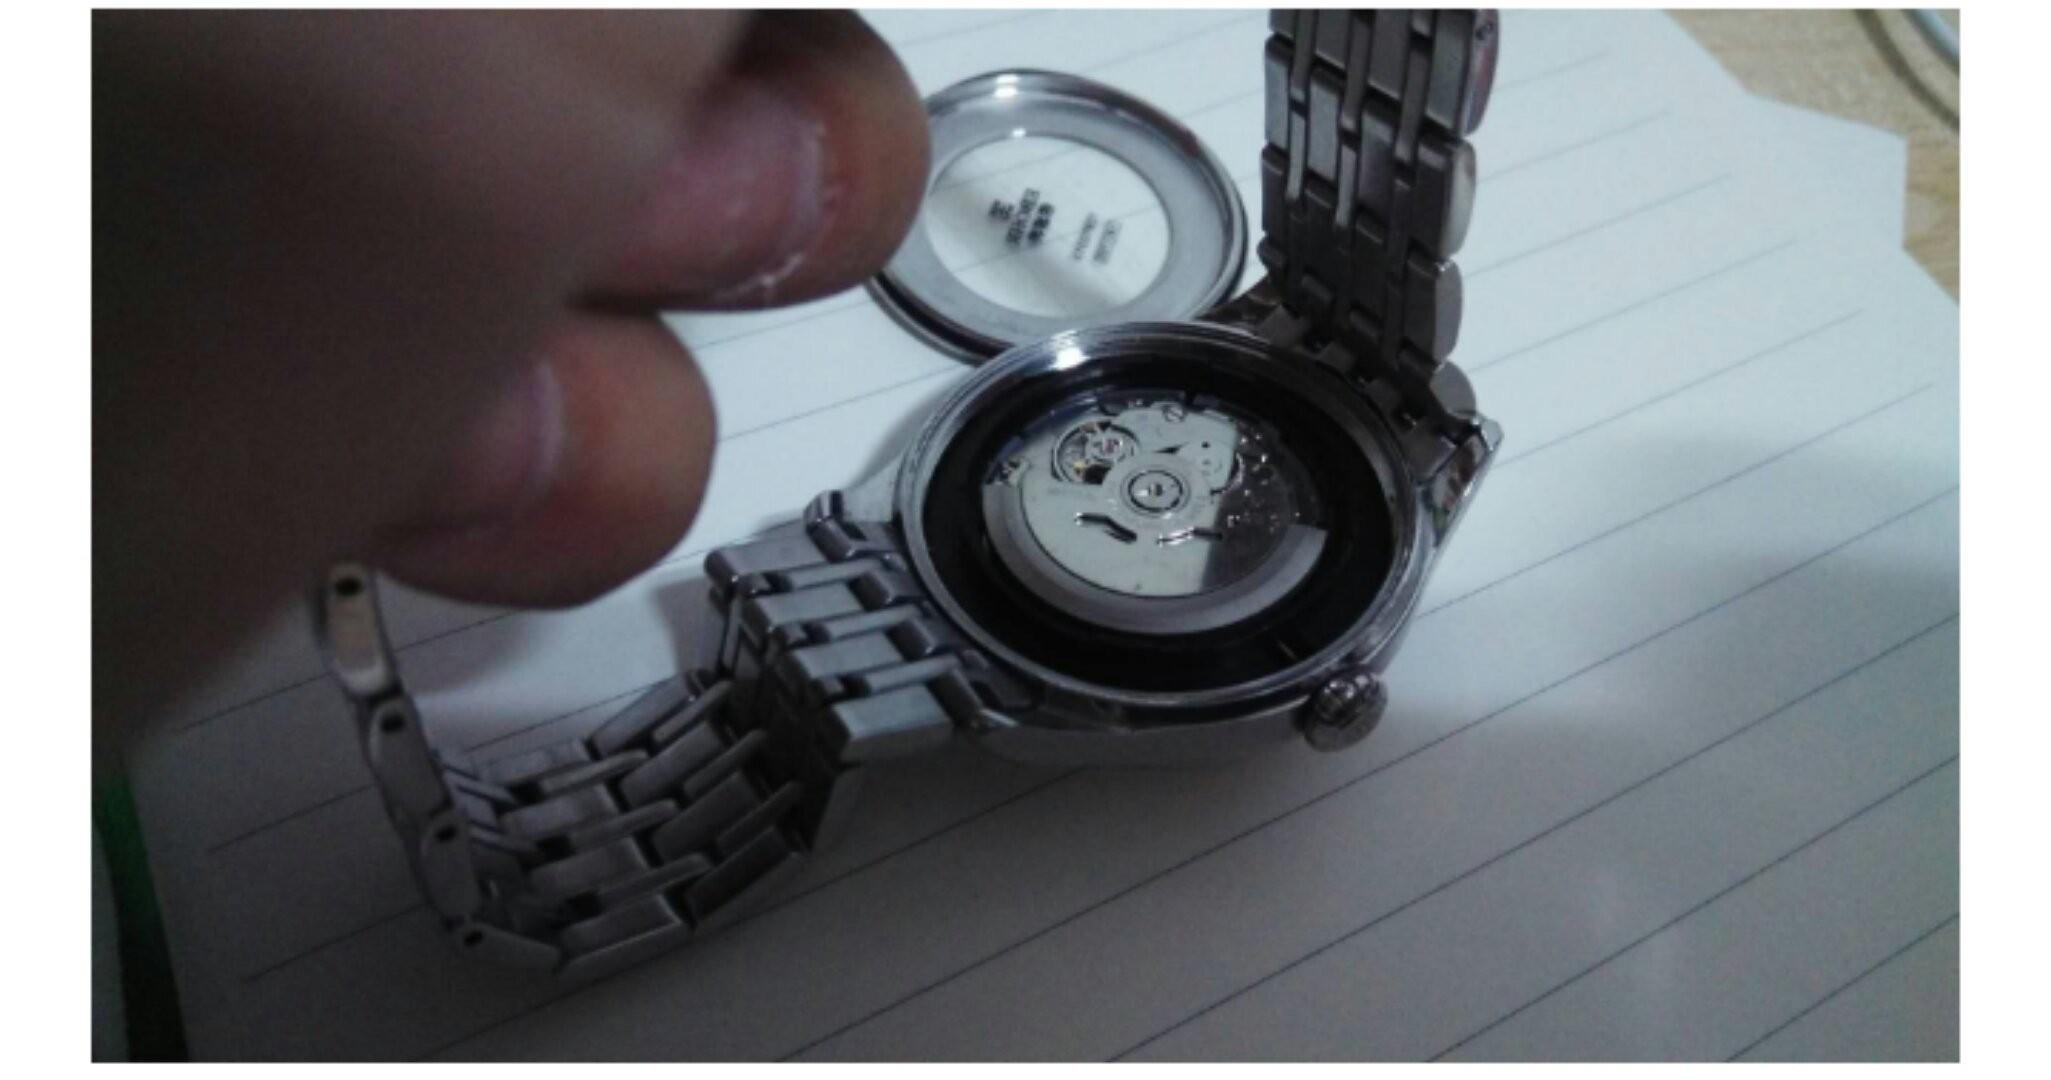 国产机械表能戴10年吗?有哪些国产手表品牌比较好的